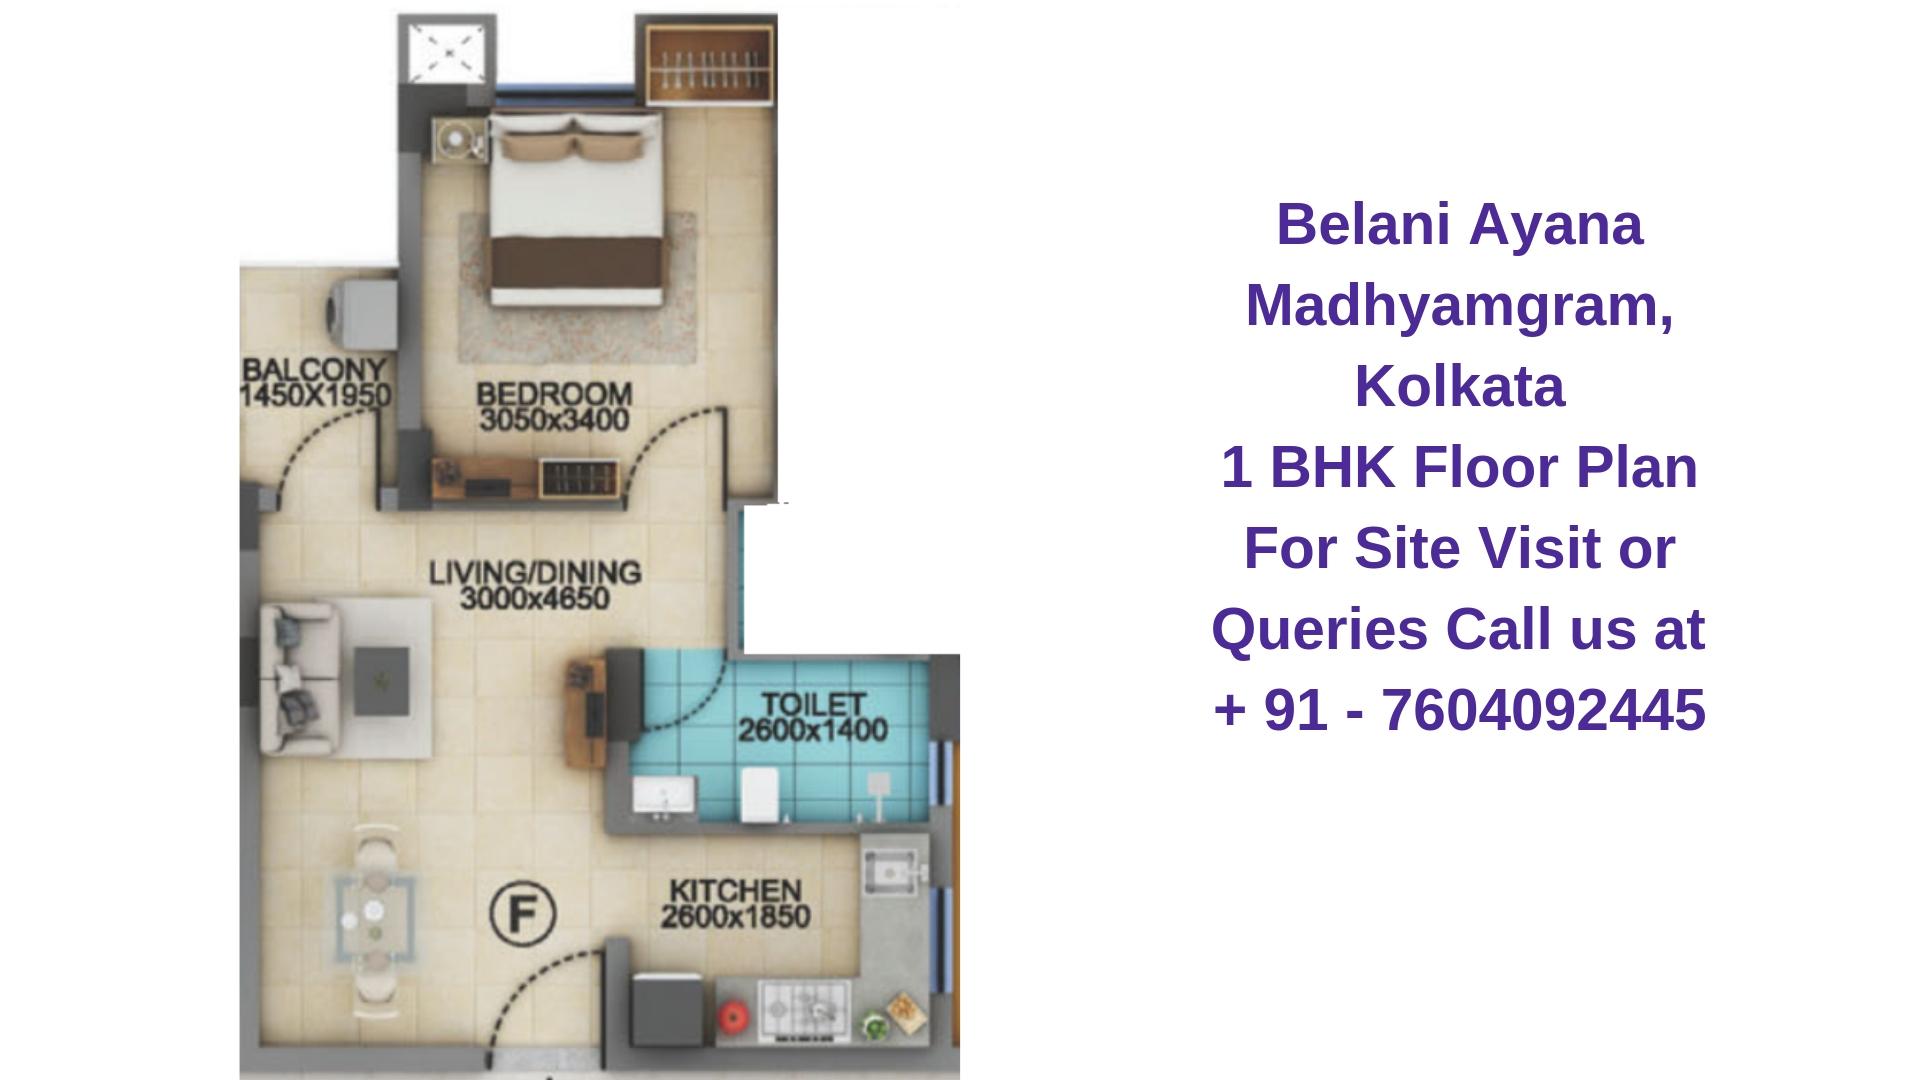 Belani Ayana Madhyamgram, Kolkata 1 BHK Floor Plan